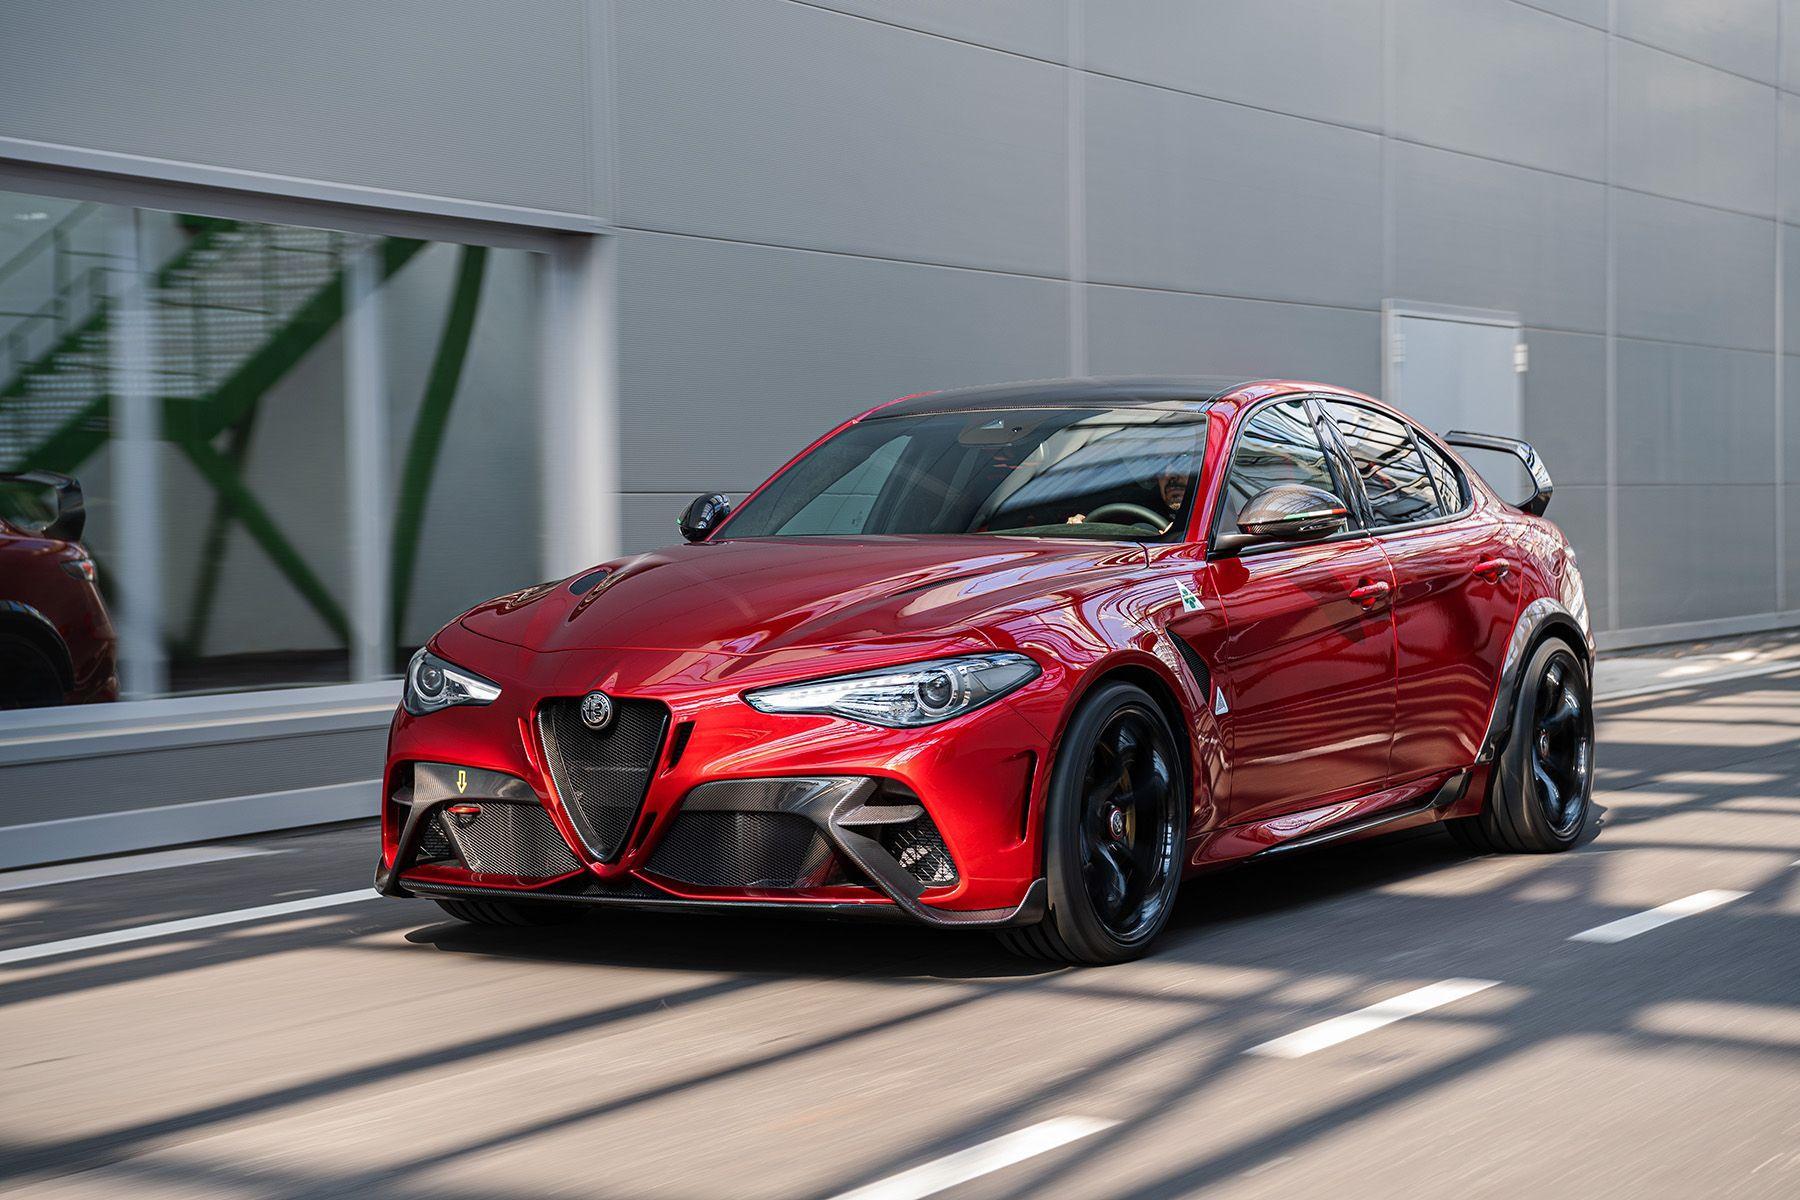 The Alfa Romeo Giulia Gta Is Back With 540 Horsepower And A Wing Alfa Romeo Giulia Alfa Romeo Giulia Quadrifoglio Alfa Romeo